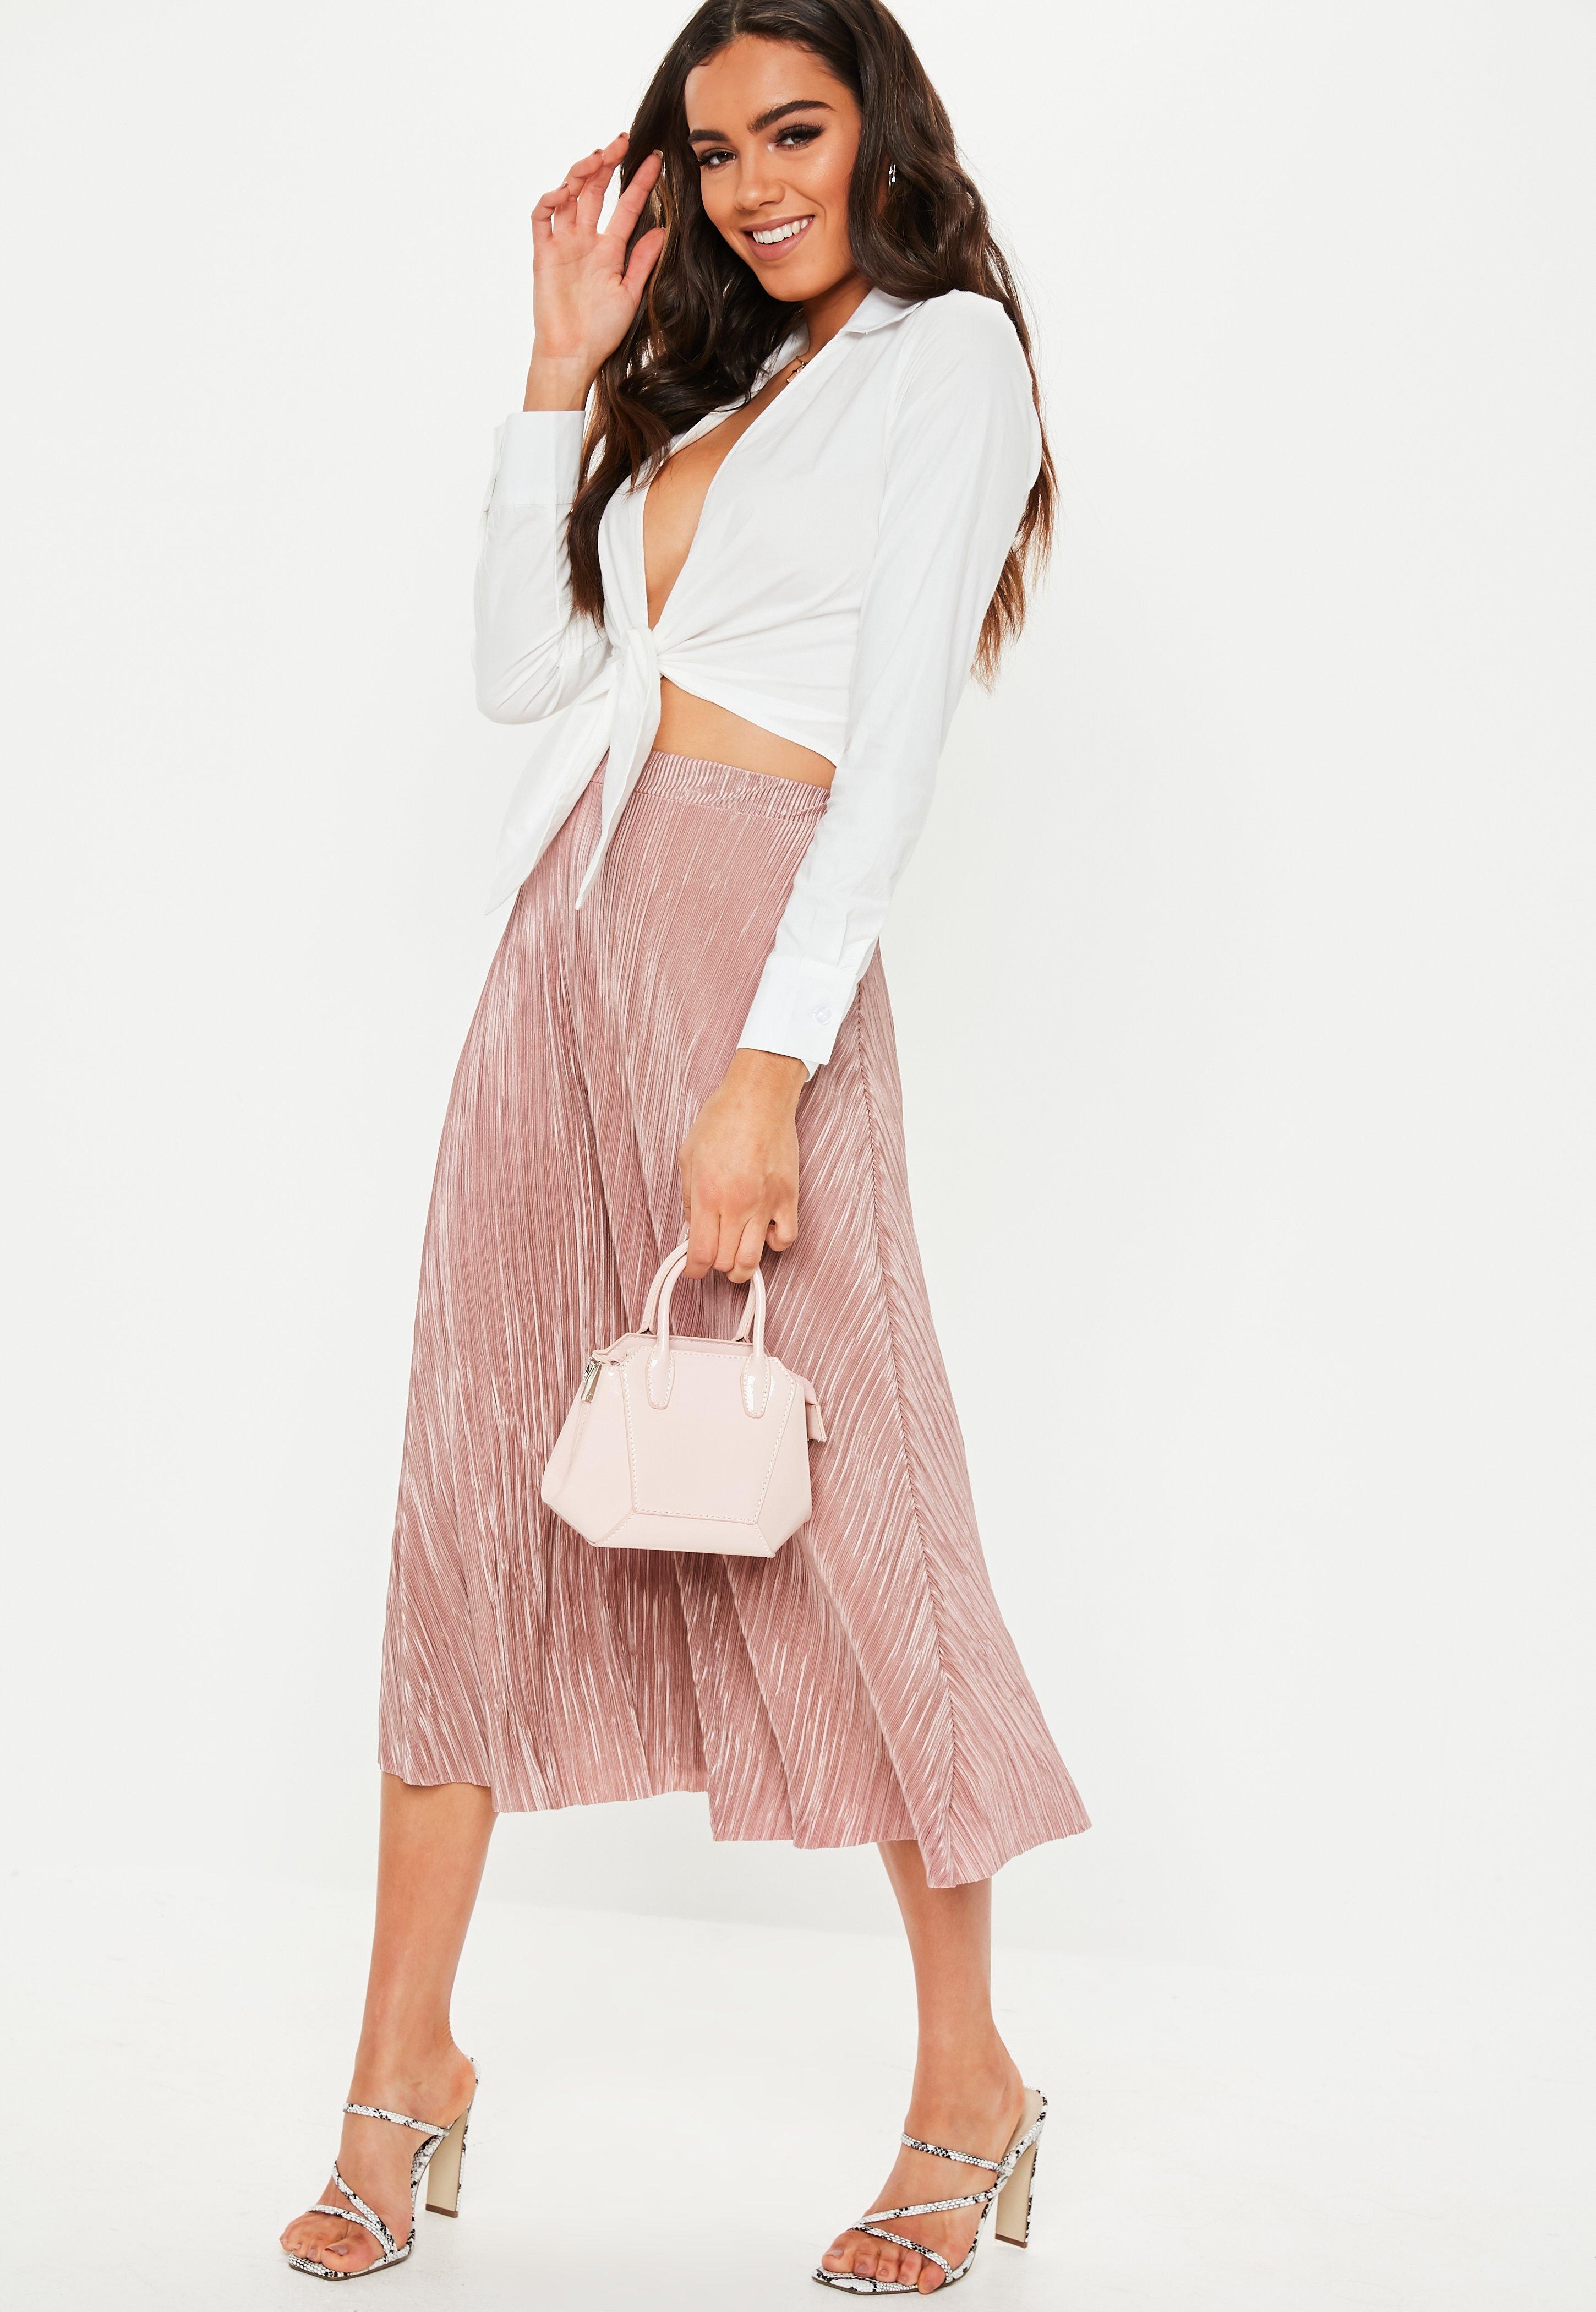 Nouveautés - Vêtements et chaussures femme - Missguided 070fb5178c31